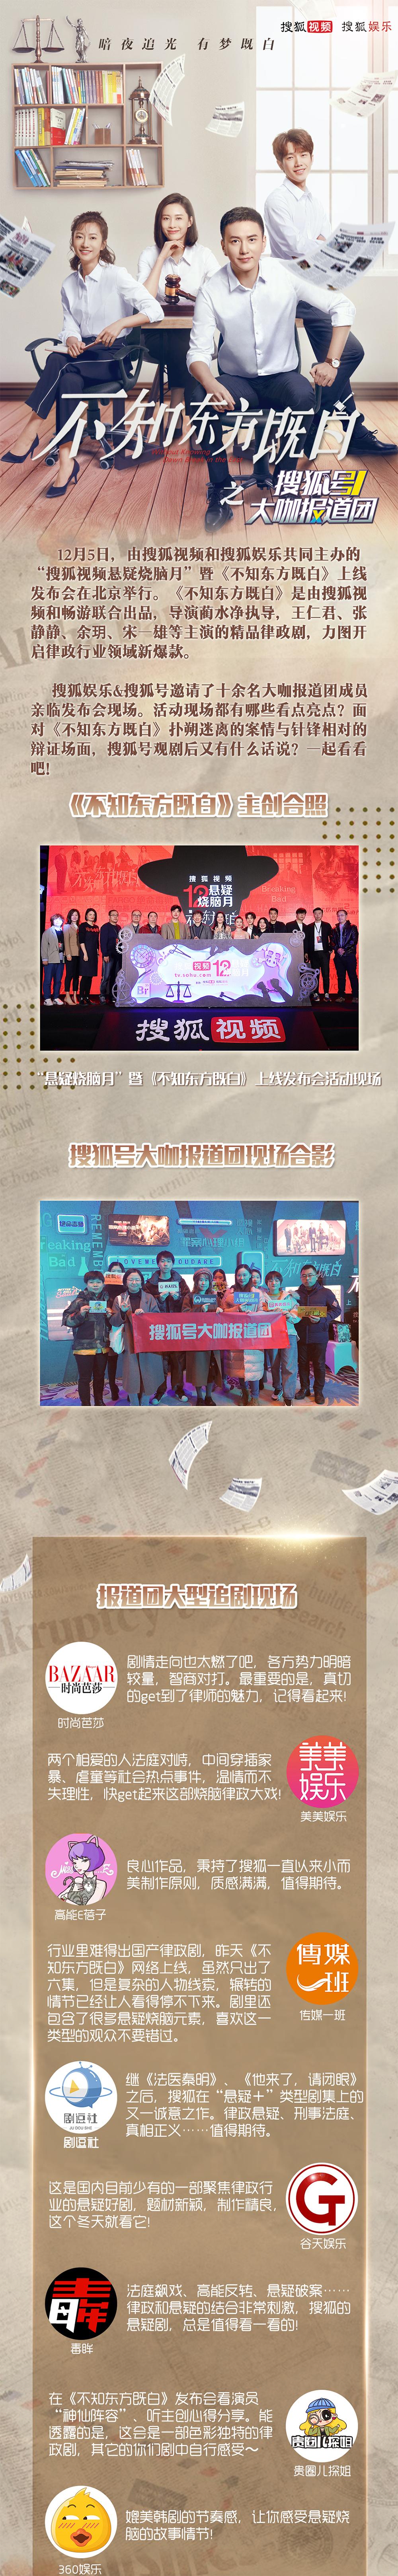 《不知东方既白》发布会举行 搜狐号大咖报道团亲临现场